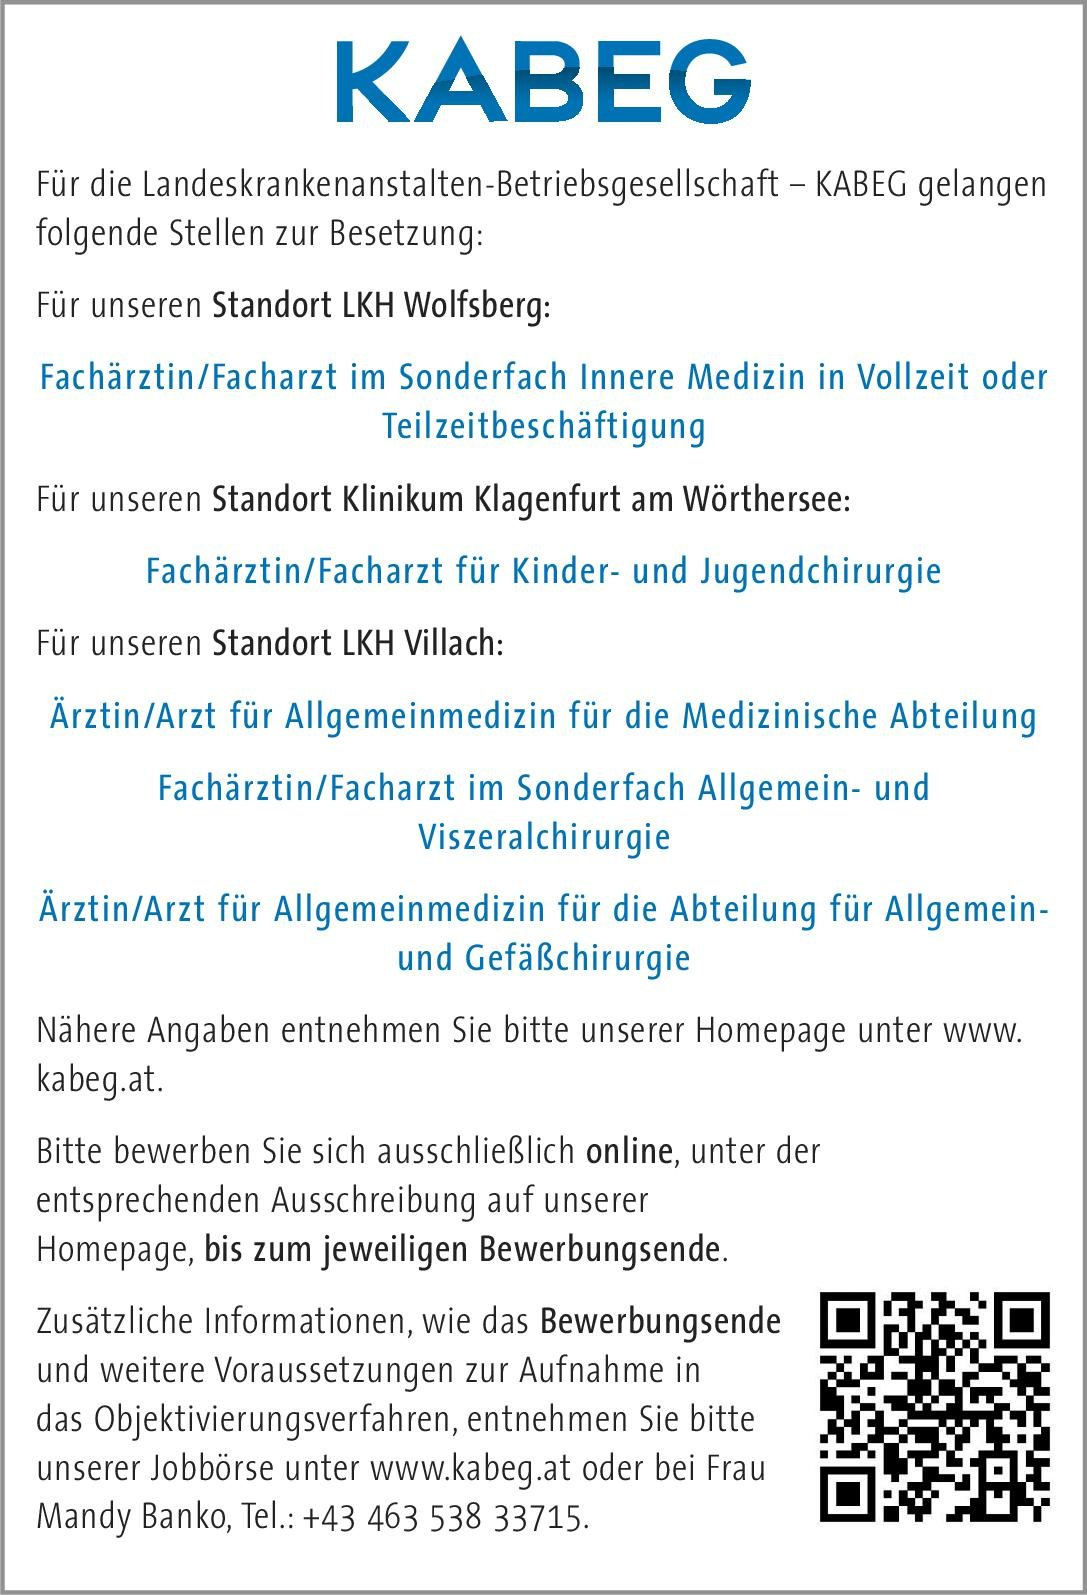 Landeskrankenanstalten-Betriebsgesellschaft – KABEG - Klinikum Klagenfurt Fachärztin/Facharzt für Kinder- und Jugendchirurgie  Kinderchirurgie, Chirurgie Arzt / Facharzt